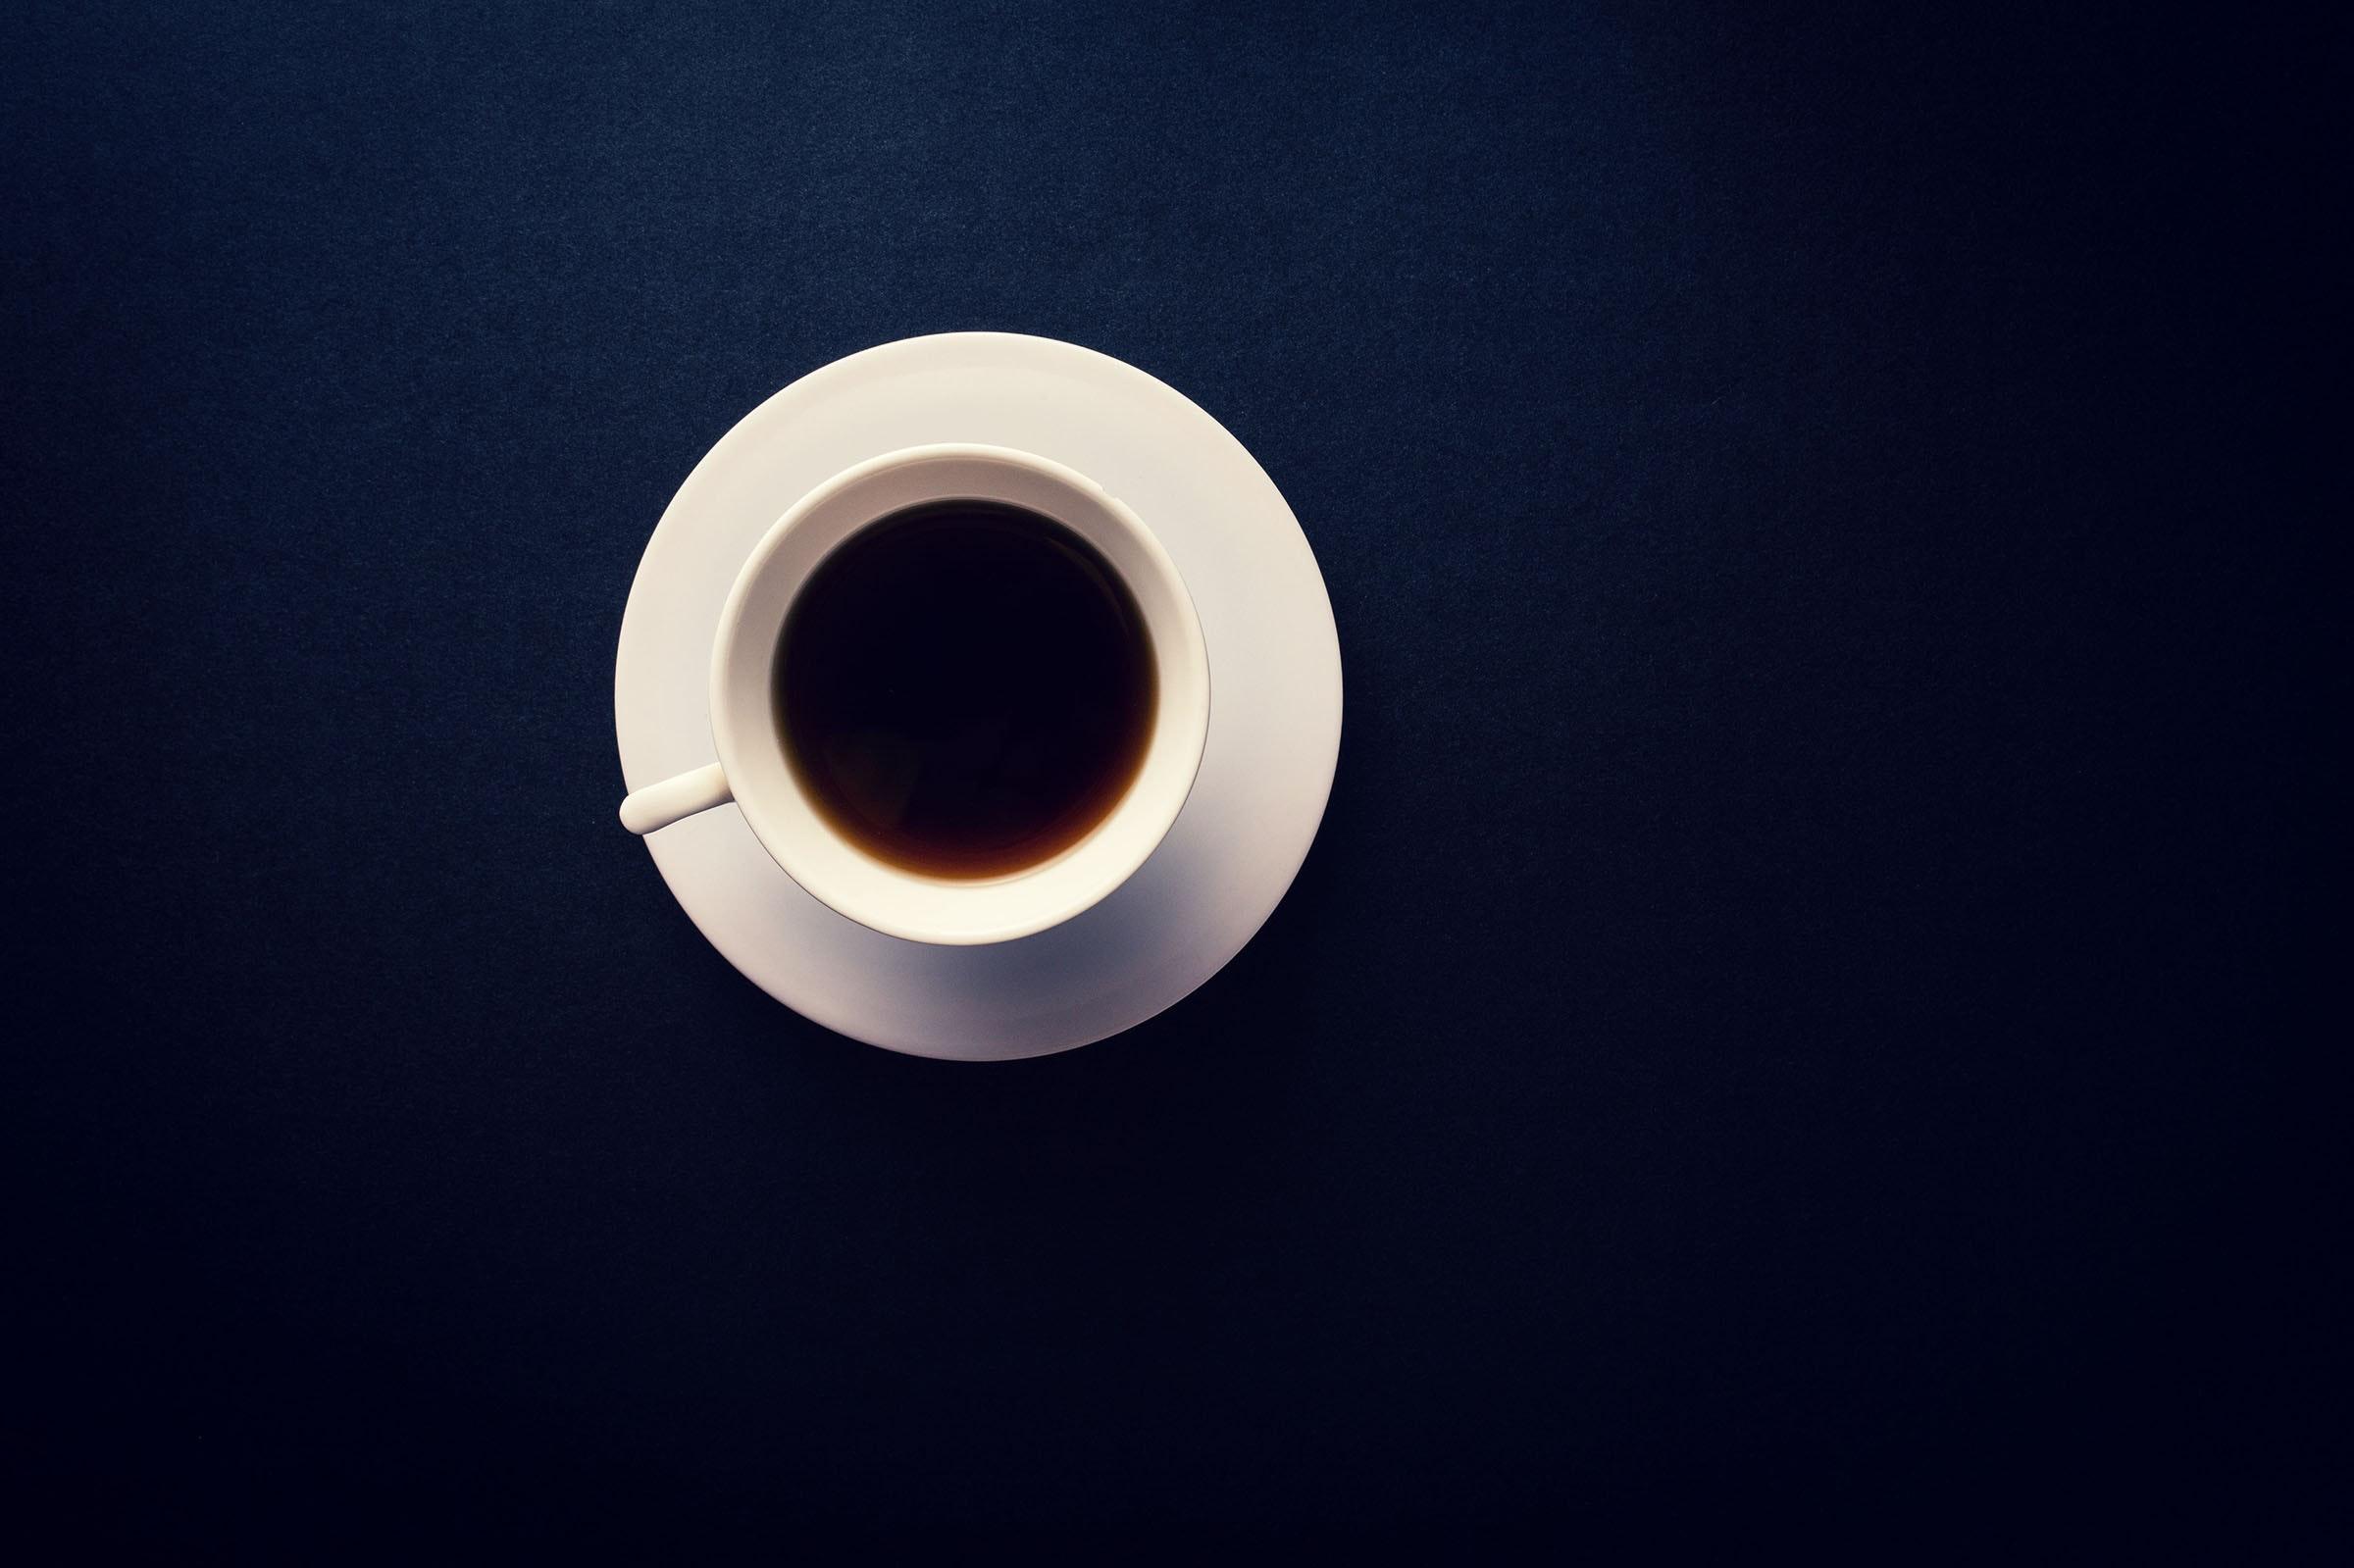 beverage-caffeine-coffee-236838.jpg